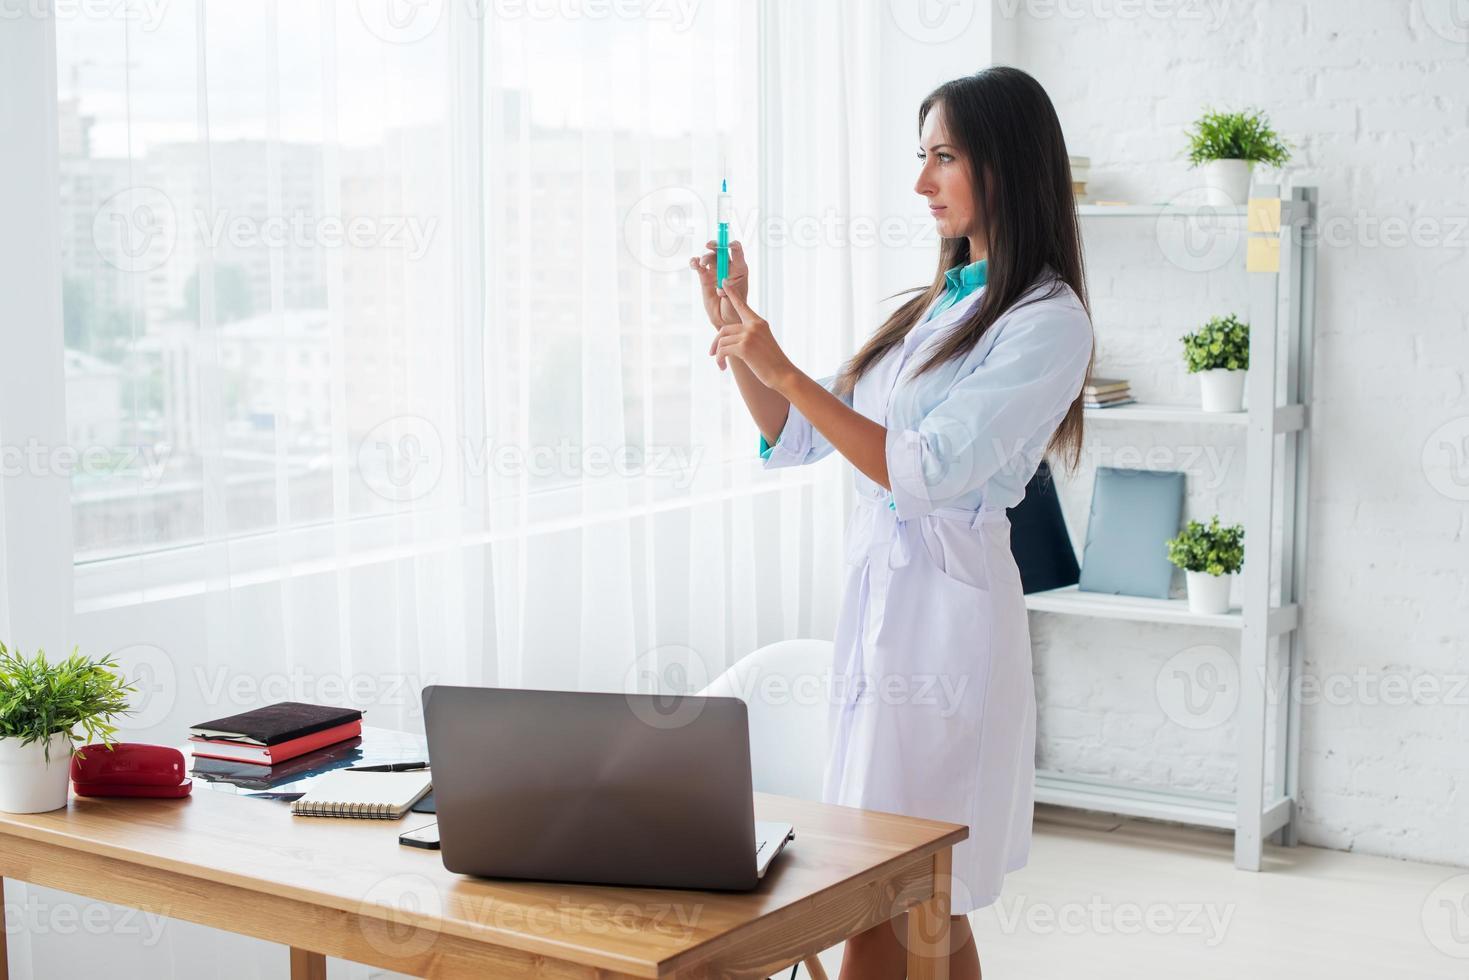 femme médecin ou infirmière avec seringue à l'hôpital photo